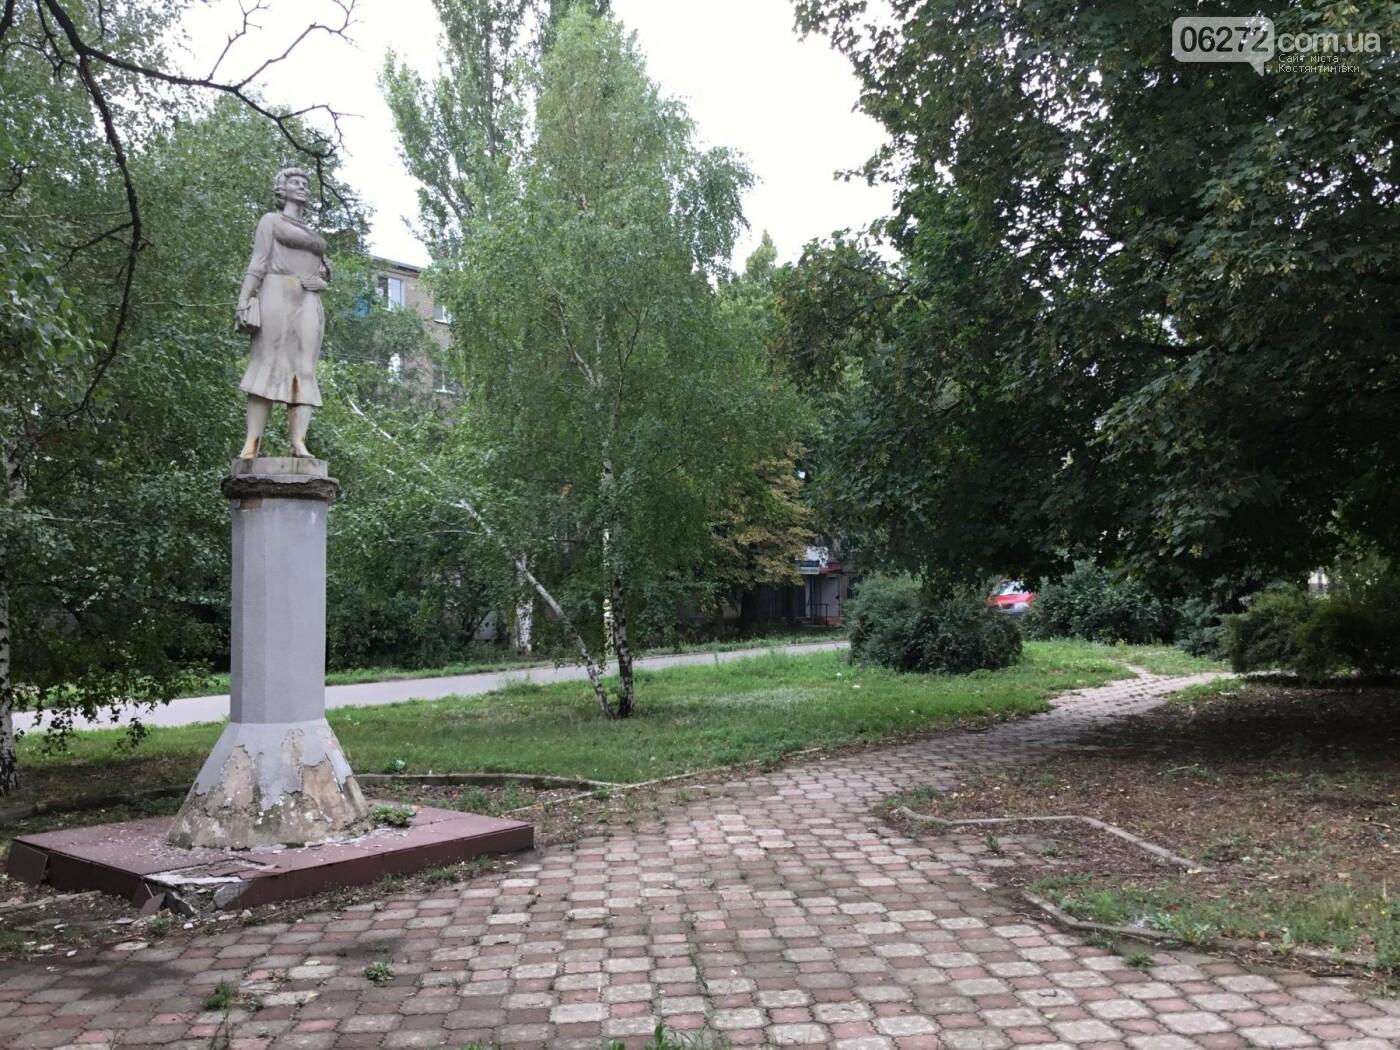 Пам'ятник Жінці в Костянтинівці, фото-1